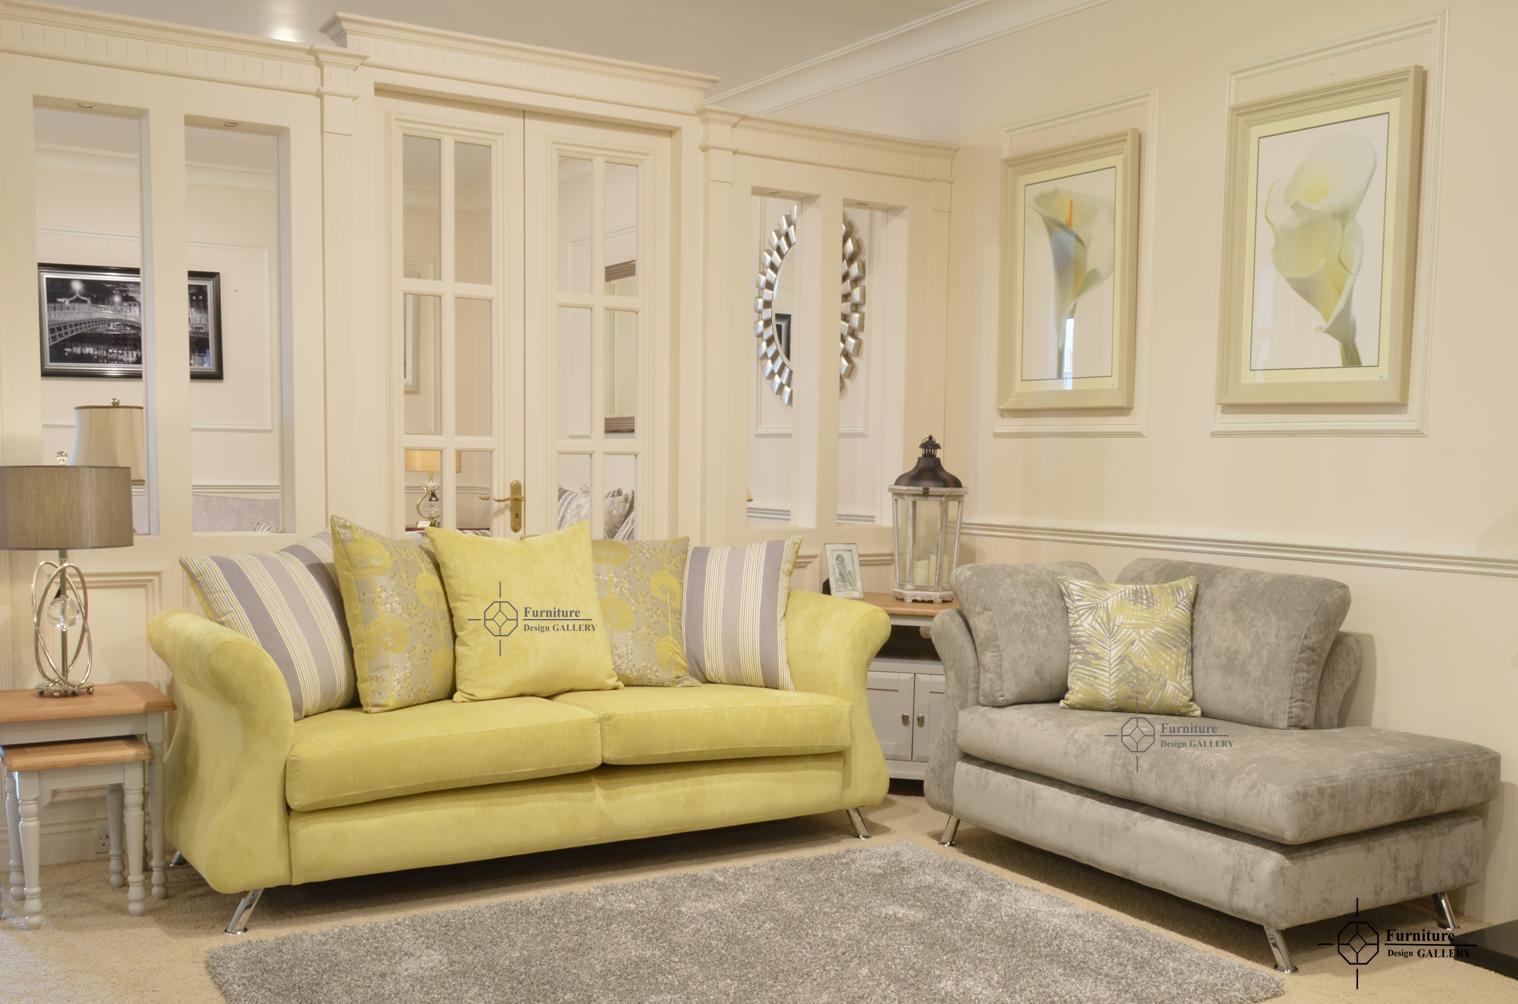 Furniture Design Gallery Valencia 4Str + Chaise